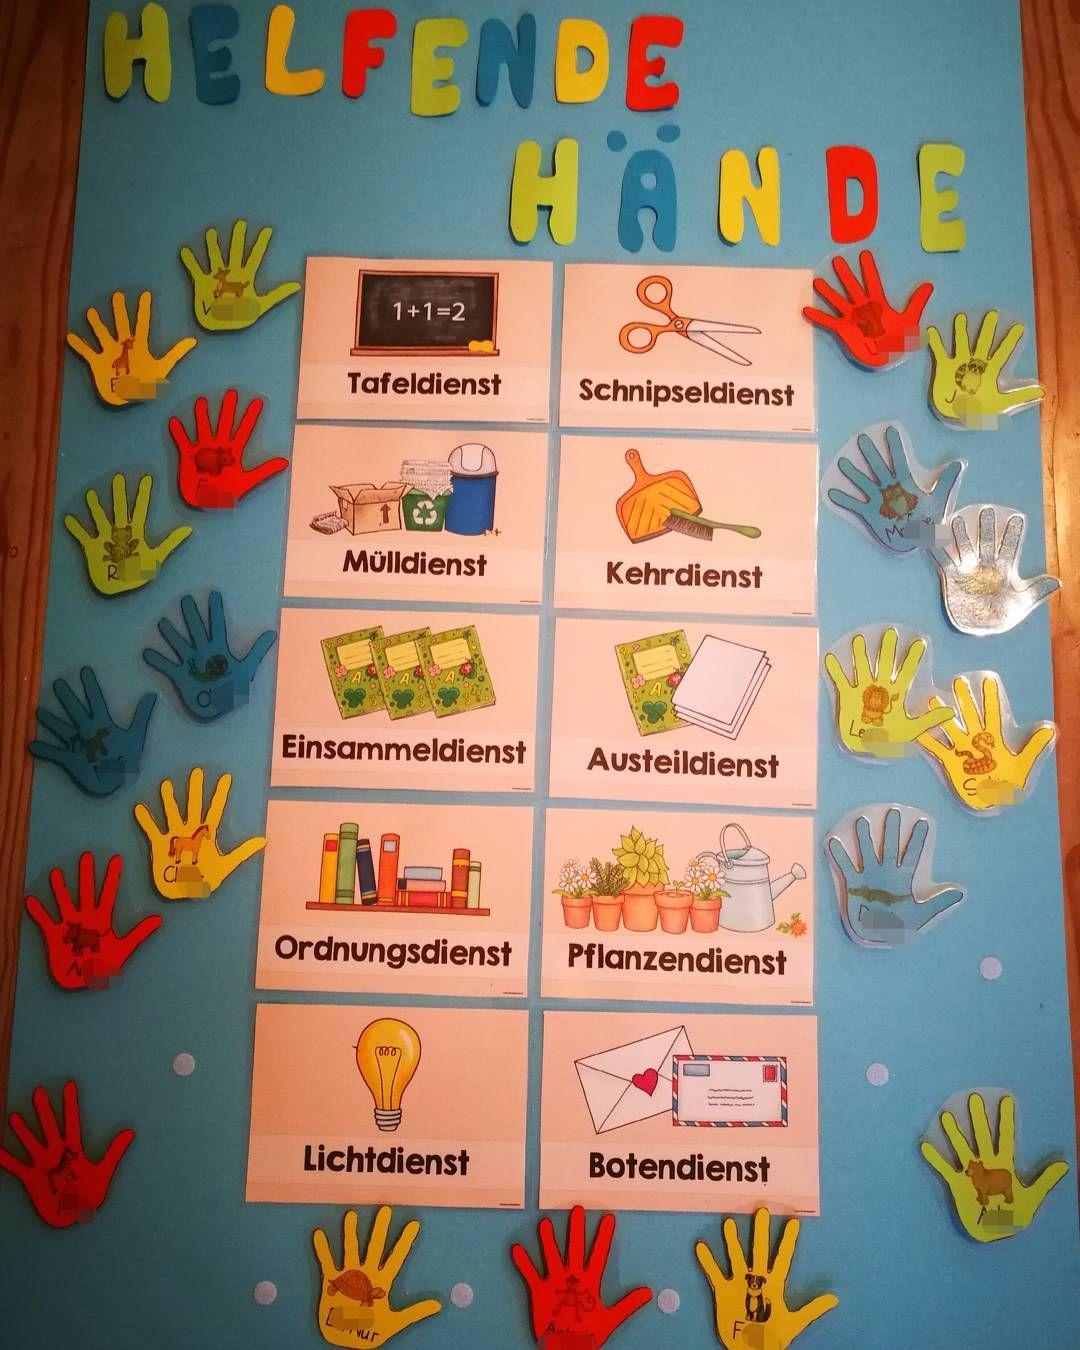 Ordnungsdienst klassenzimmer  Pin von Berit Nobel auf Klassenzimmer Management   Pinterest ...